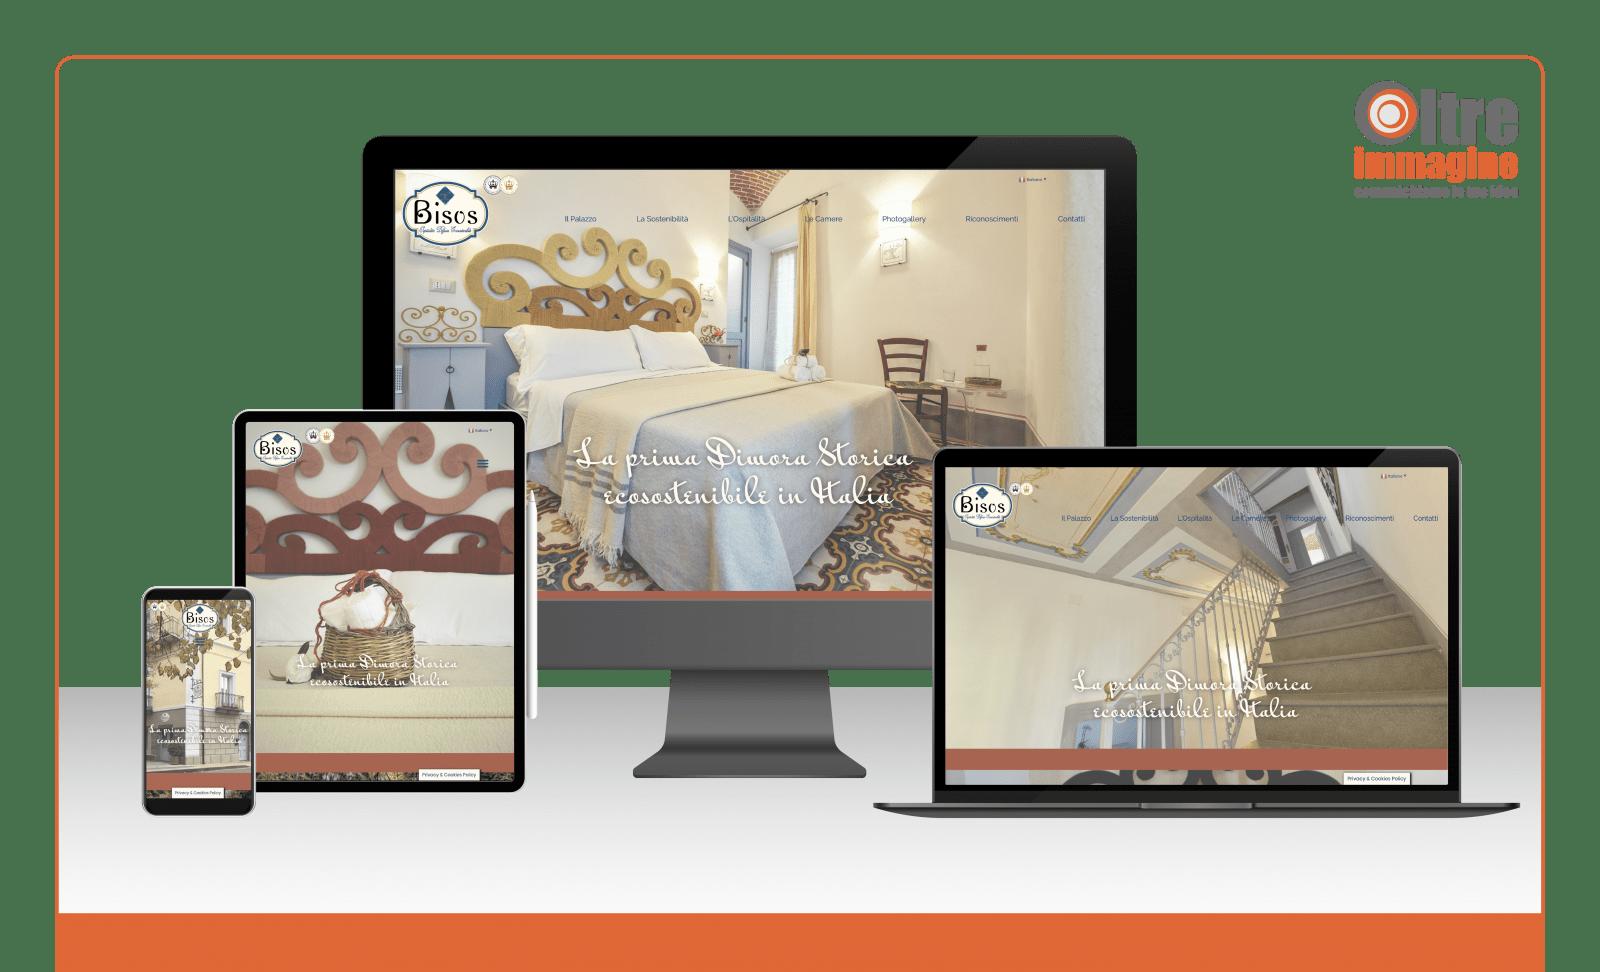 Bisos - Ospitalità Diffusa Ecosostenibile - realizzazione sito web responsive